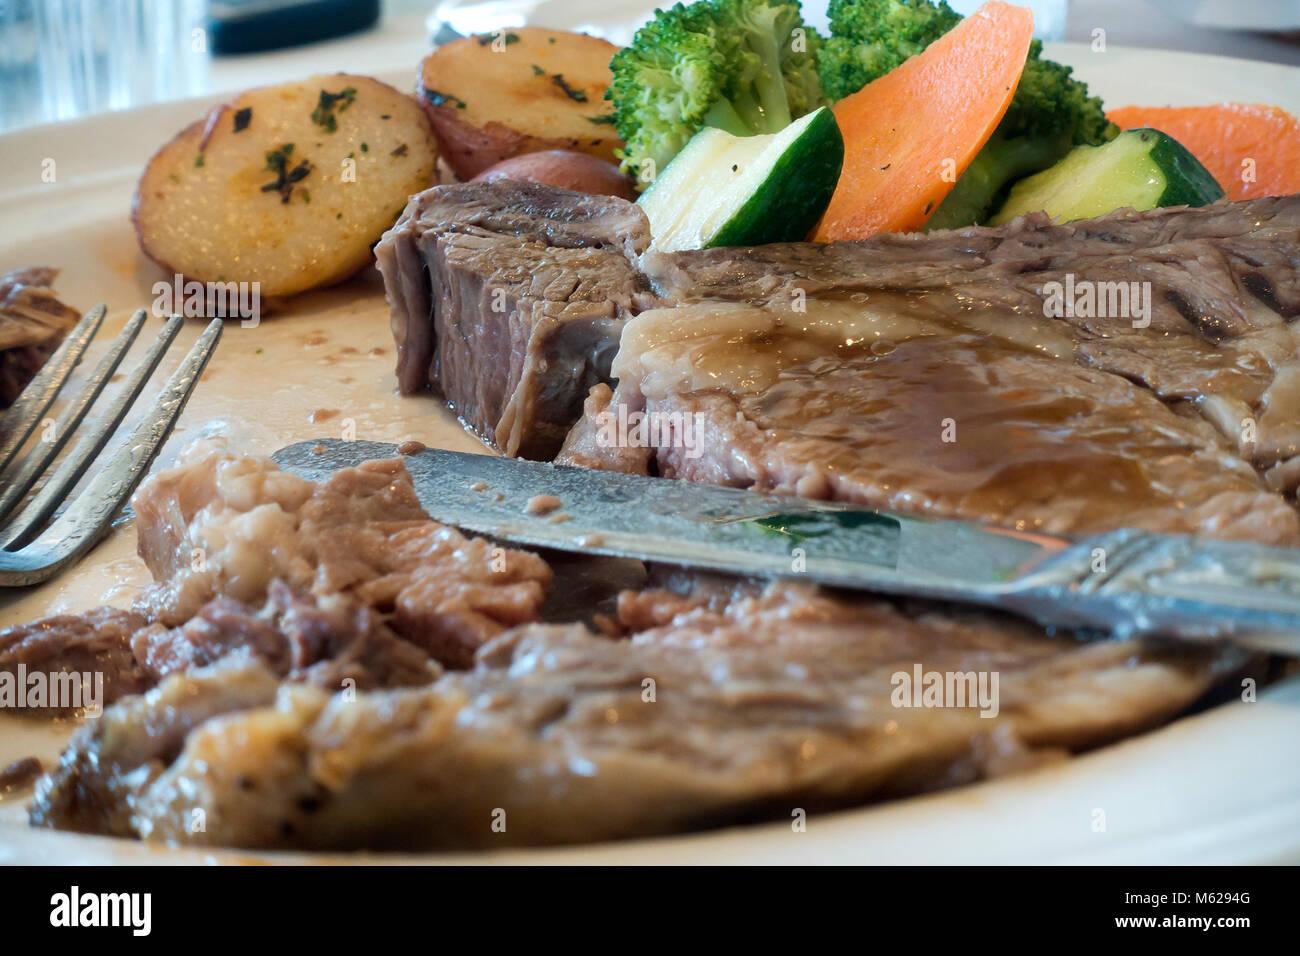 À moitié mangé prime rib steak sur platine - USA Photo Stock